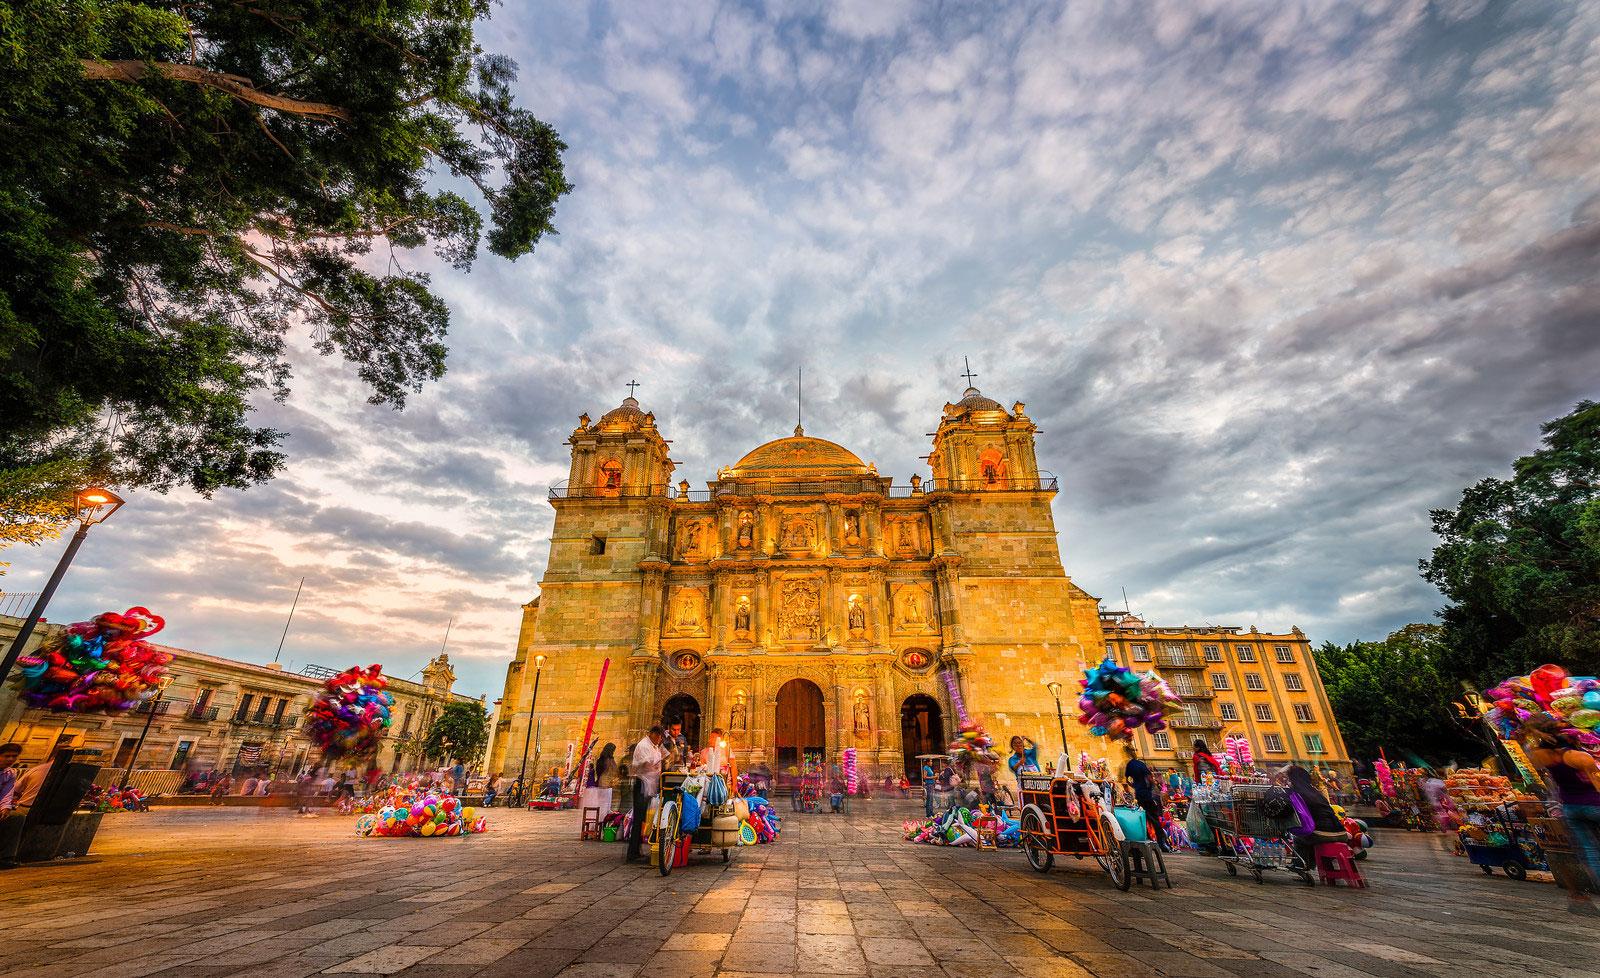 Destinos y actividades más populares para vacacionar en México